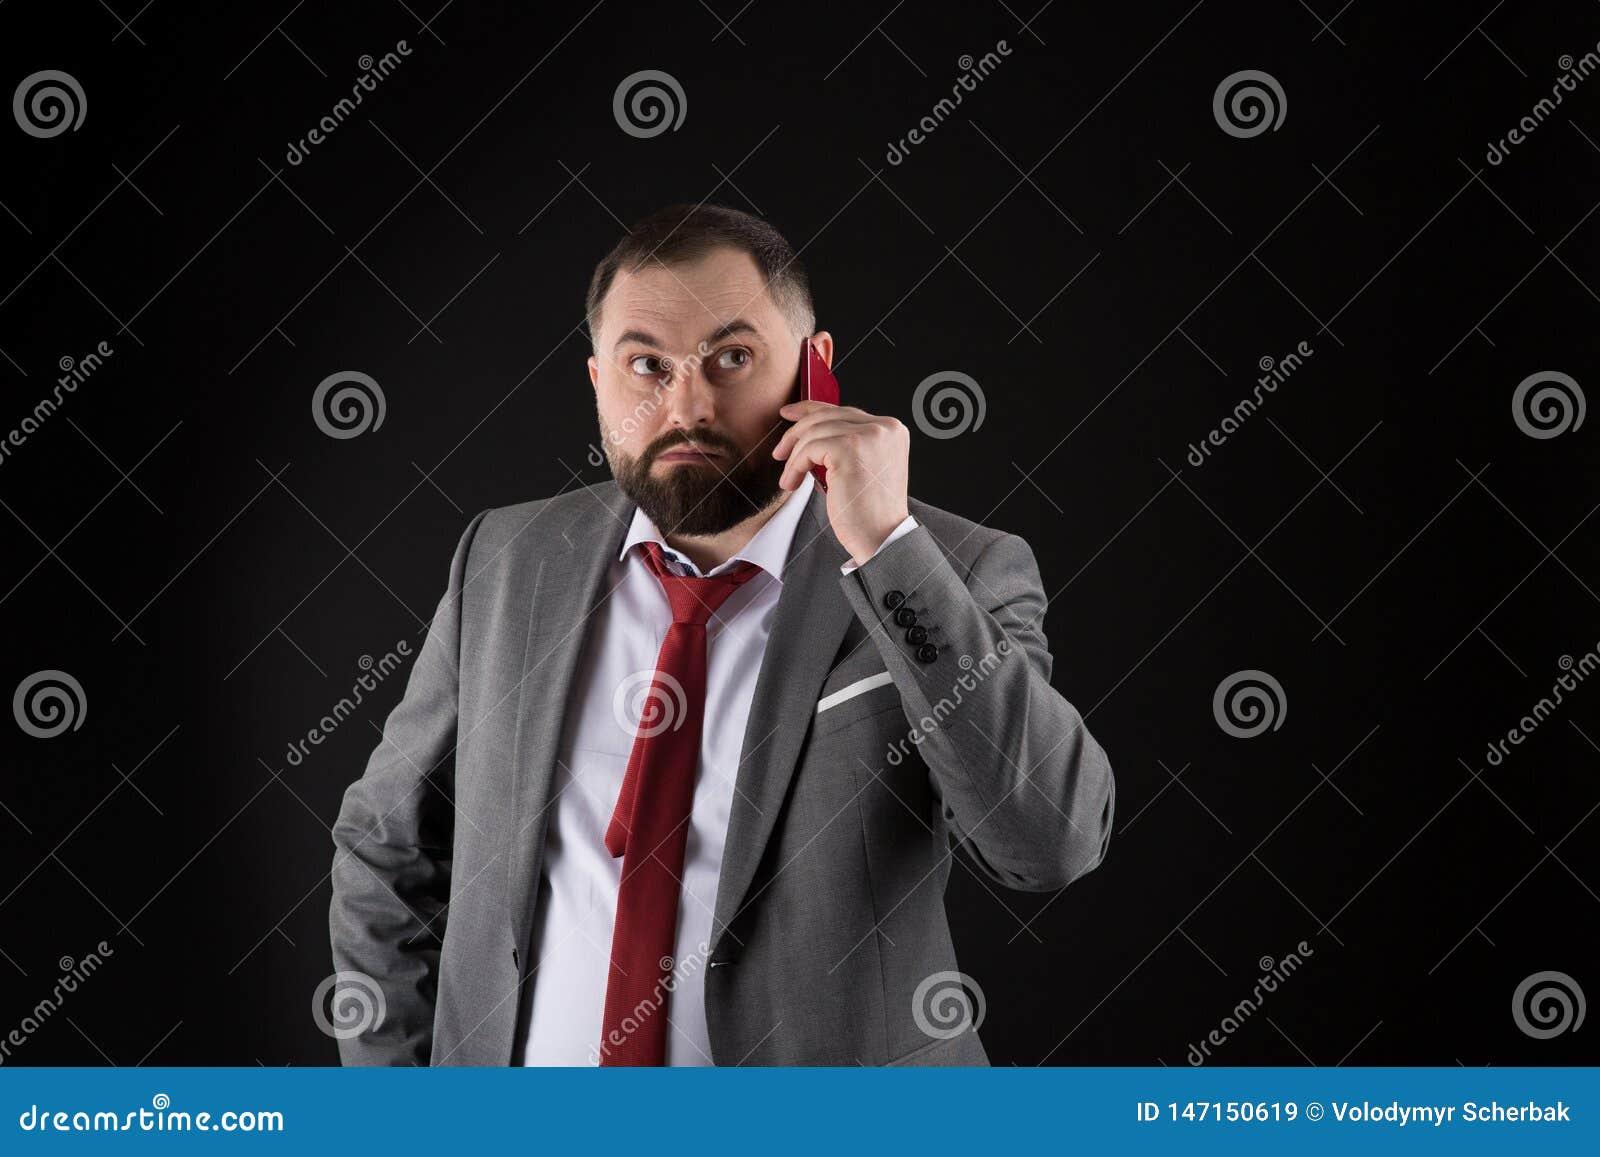 Grabbappellv?nnen st?r svart bakgrund Mobilt appellbegrepp Formell dr?ktappell f?r man n?gon Mobil appellkonversation Mobil